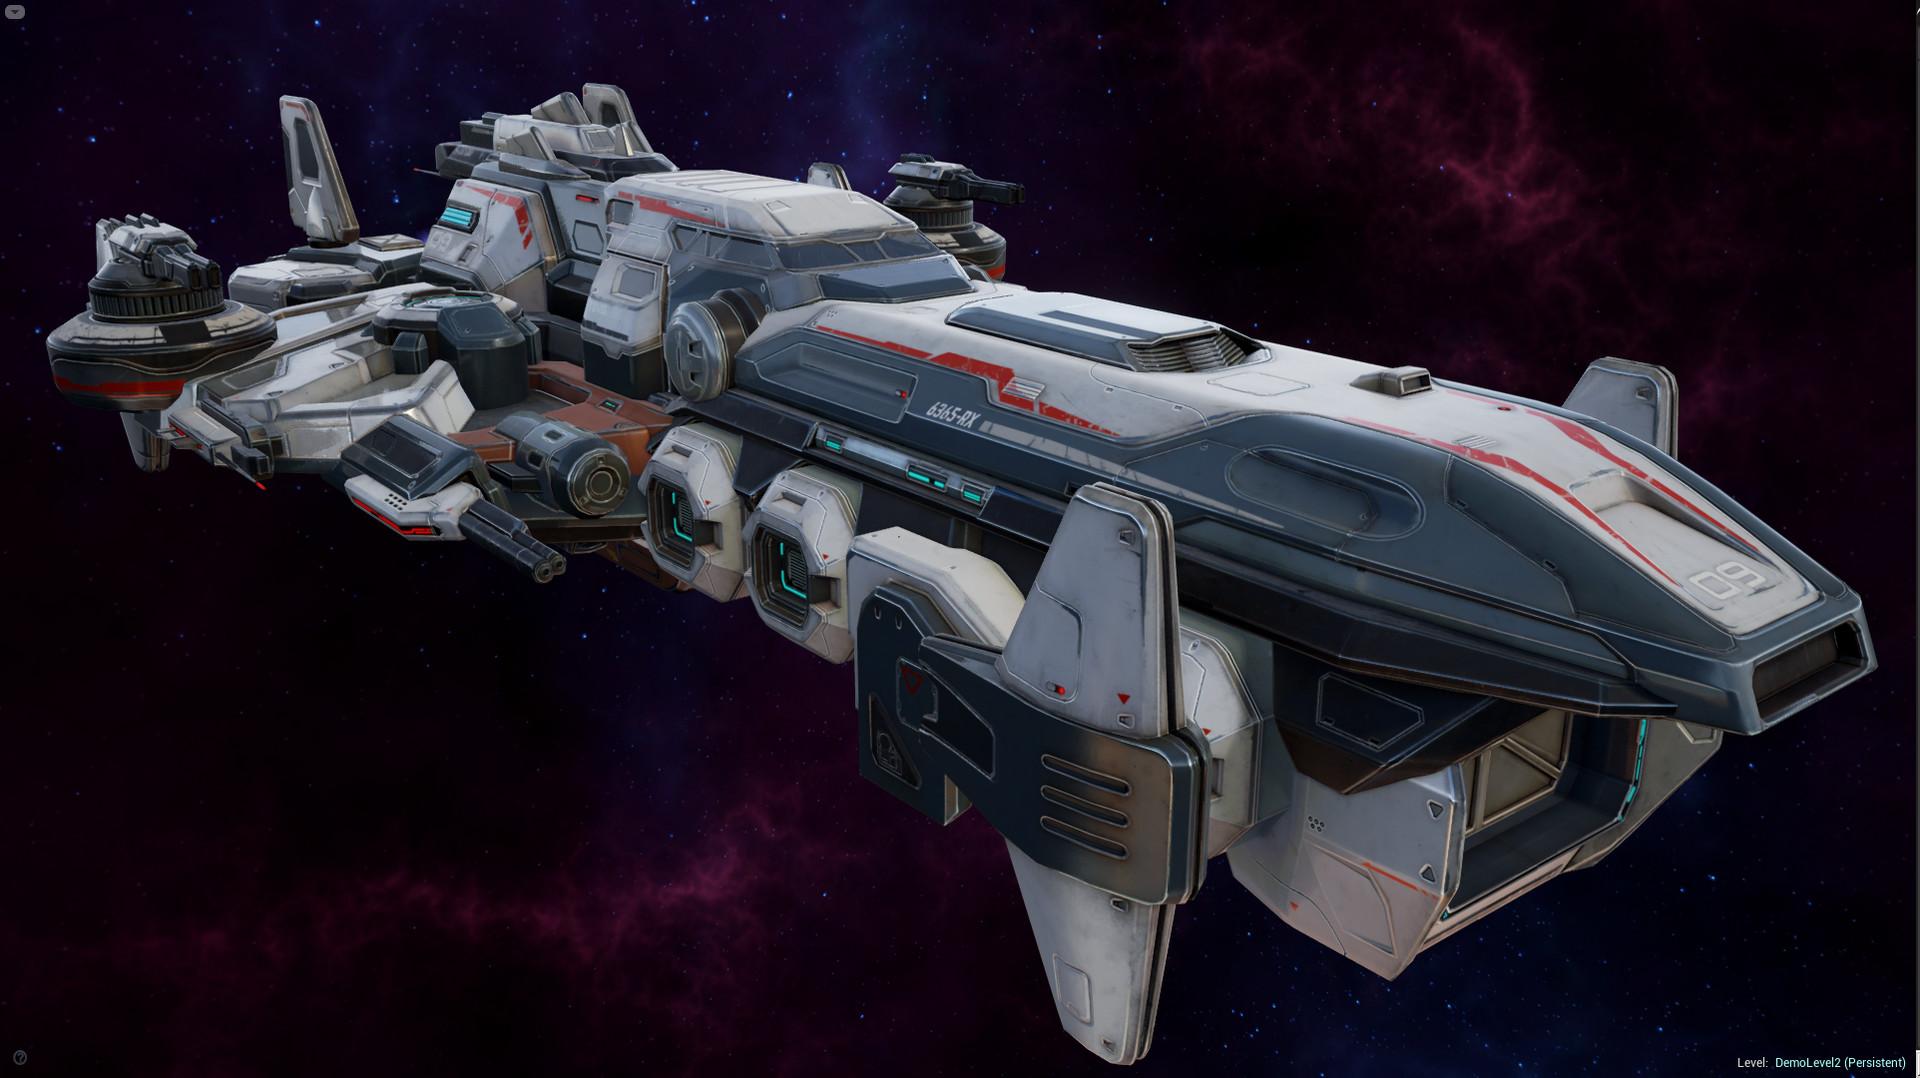 Little Child - Spaceship Nemesis